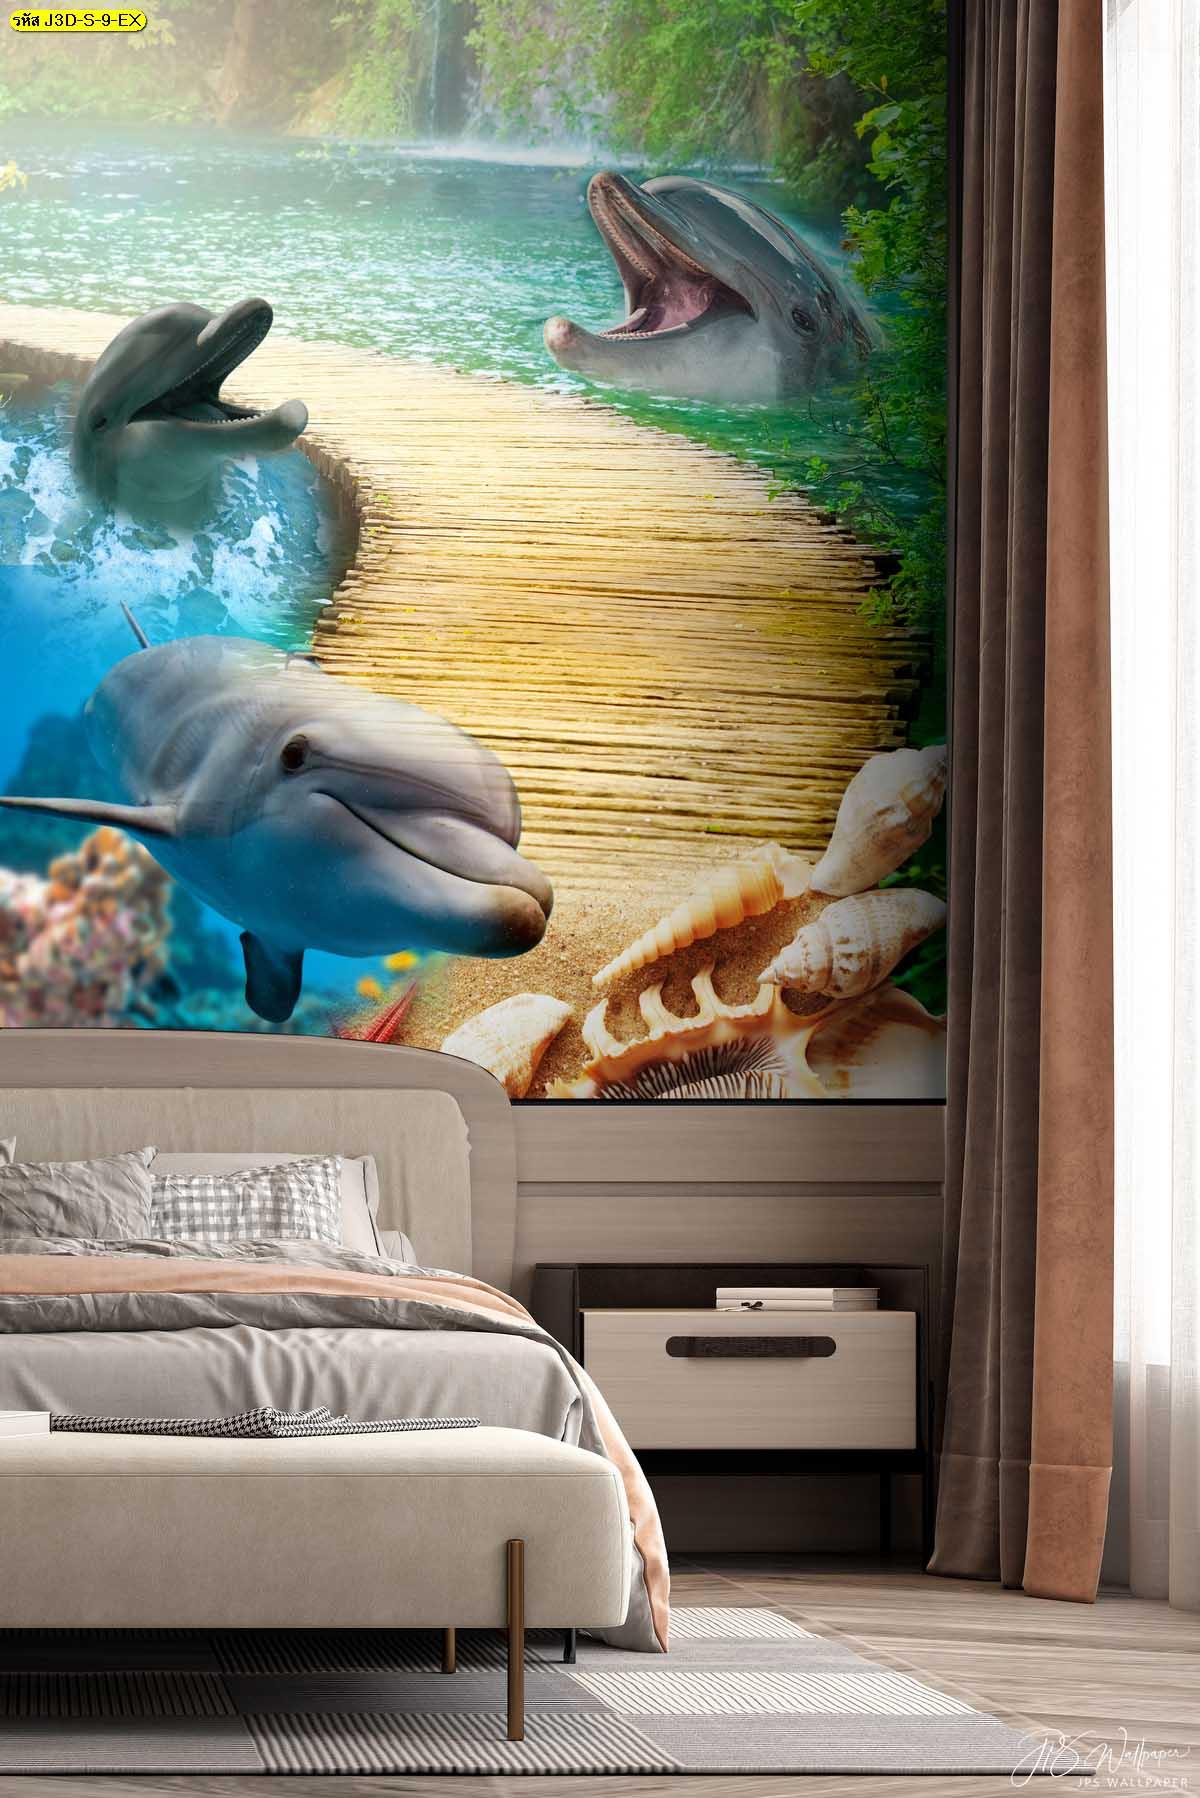 วอลเปเปอร์ติดผนังหัวเตียง ภาพสั่งผลิตติดหัวเตียง วอลเปเปอร์ลายสามมิติสะพานไม้กลางน้ำตกและโลมา